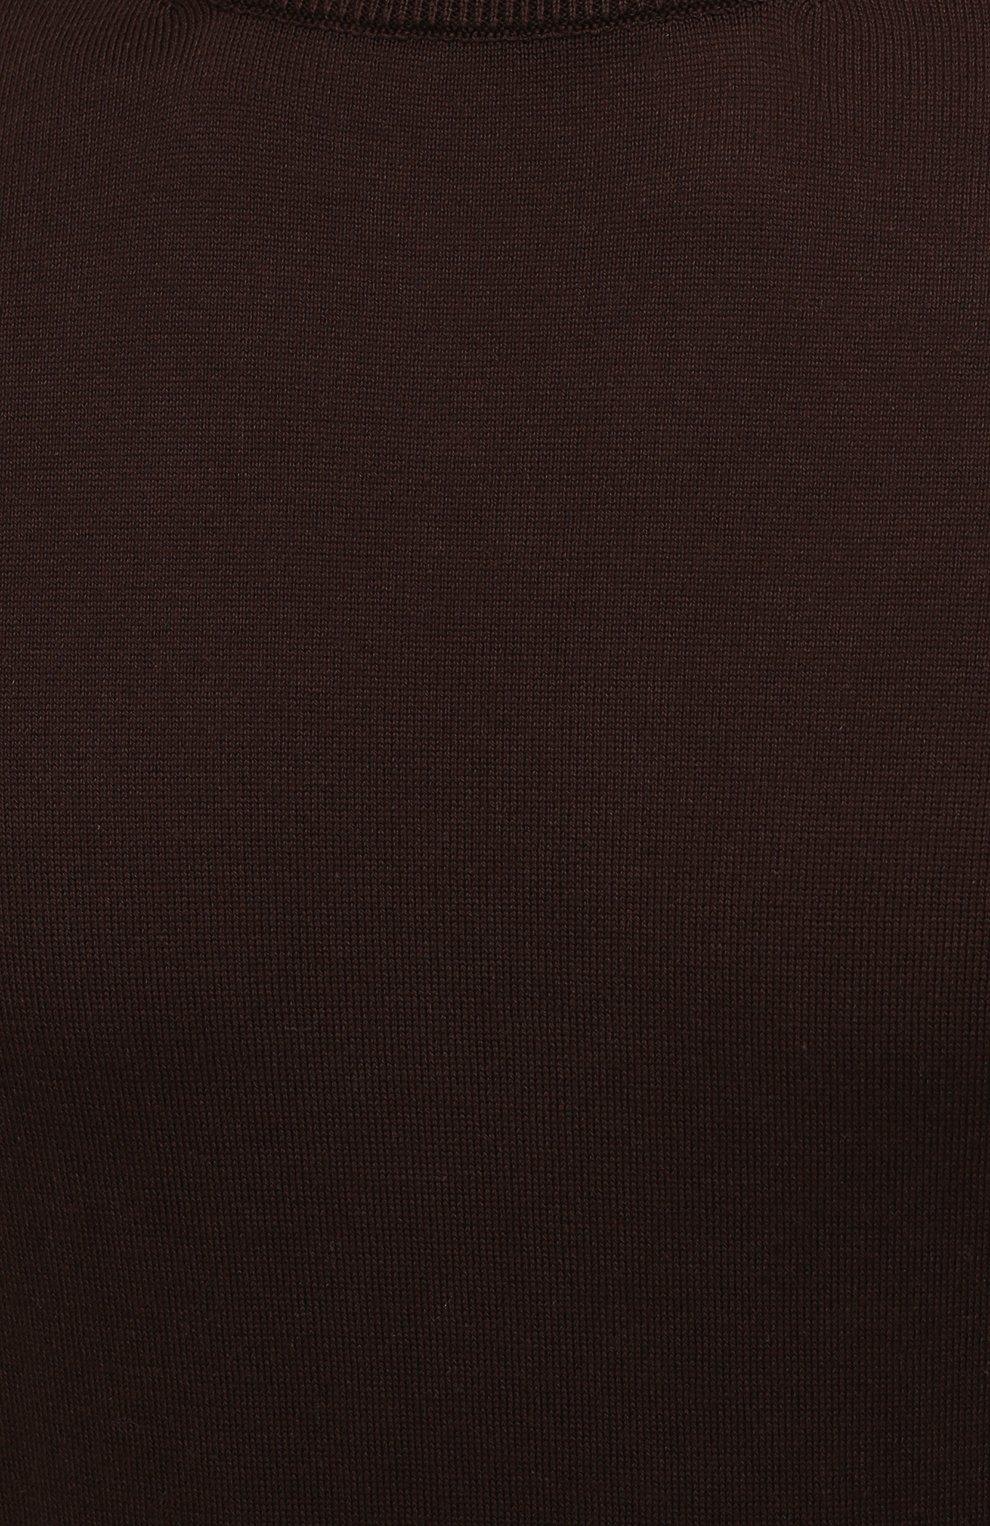 Мужской хлопковый джемпер IL BORGO CASHMERE темно-коричневого цвета, арт. 55-854G0 | Фото 5 (Мужское Кросс-КТ: Джемперы; Принт: Без принта; Рукава: Короткие; Длина (для топов): Стандартные; Материал внешний: Хлопок; Вырез: Круглый; Стили: Кэжуэл)